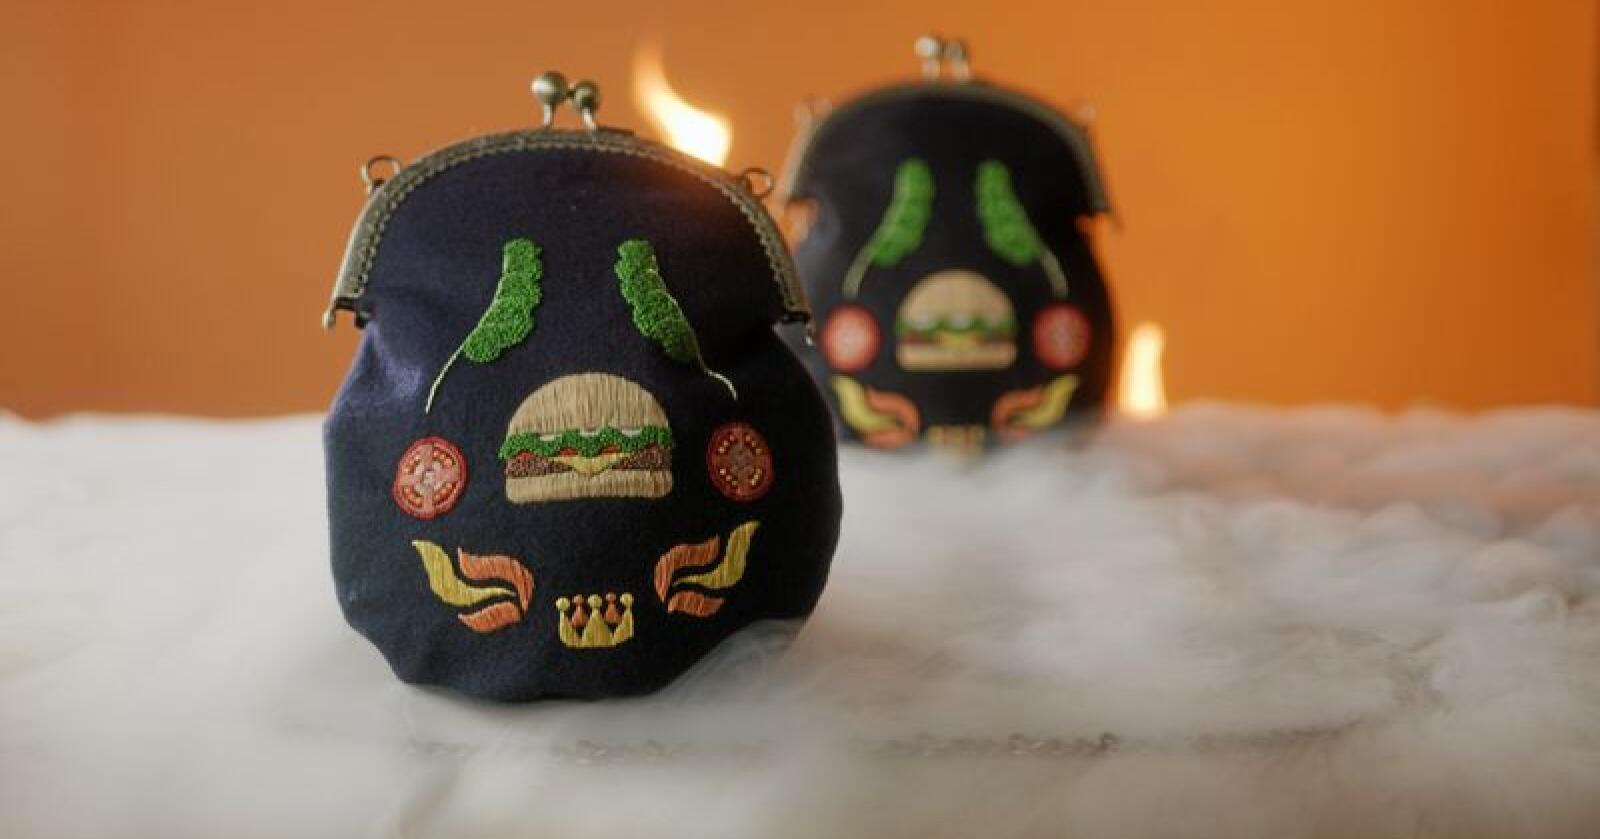 Burger Kings bunadsveske er selvfølgelig prydet med en burger. Men ikke alle er positive til denne måten å frakte 17. mai-måltidet på. Foto: Burger King